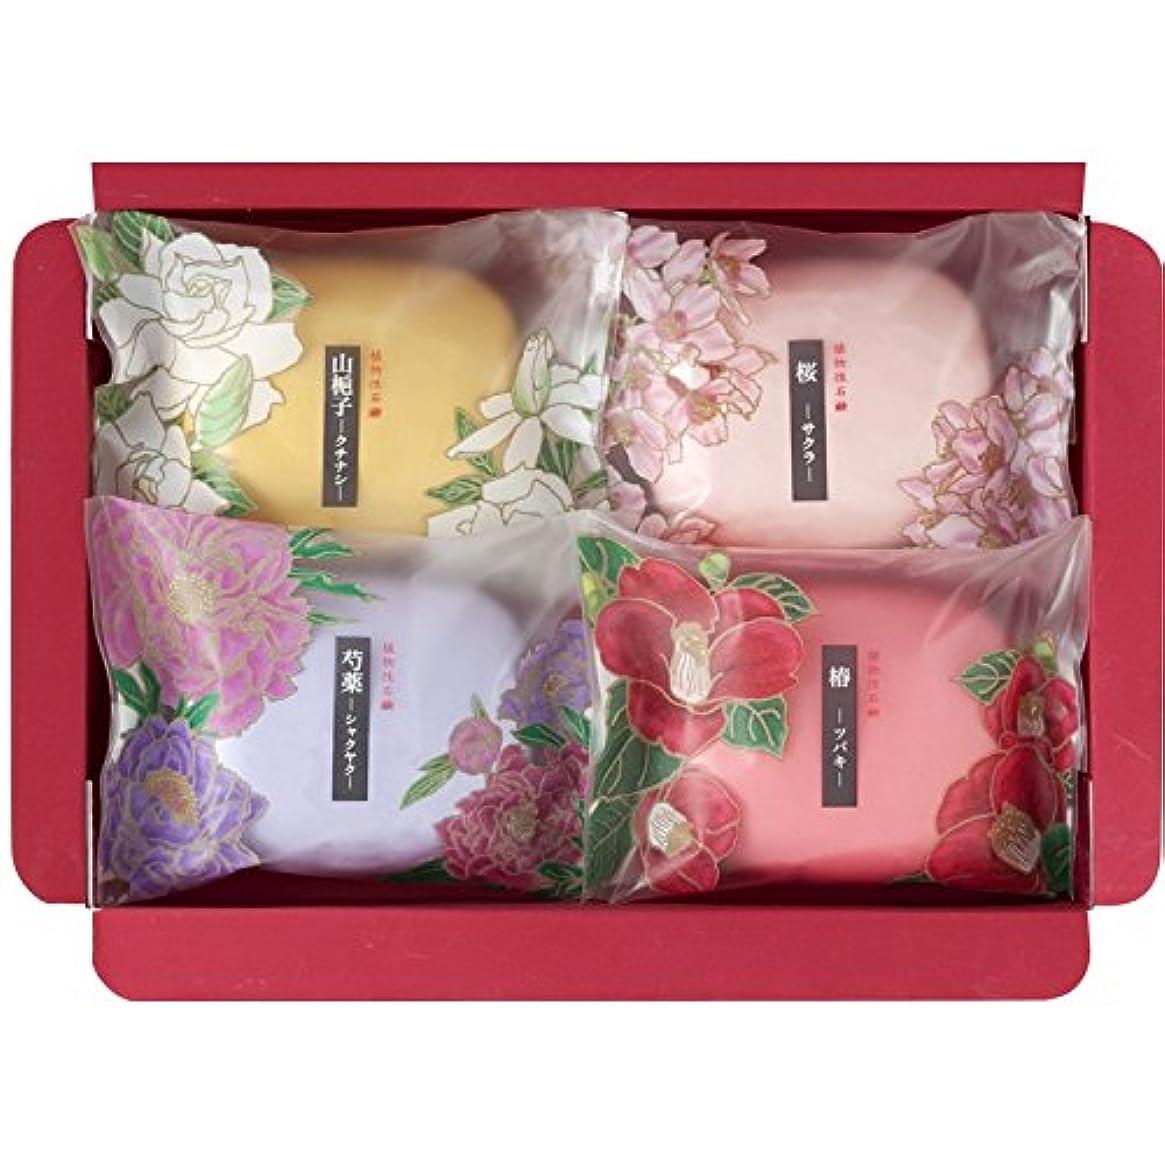 心臓軽食冷える彩花だより 【固形 ギフト せっけん あわ いい香り いい匂い うるおい プレゼント お風呂 かおり からだ きれい つめあわせ 日本製 国産 500】